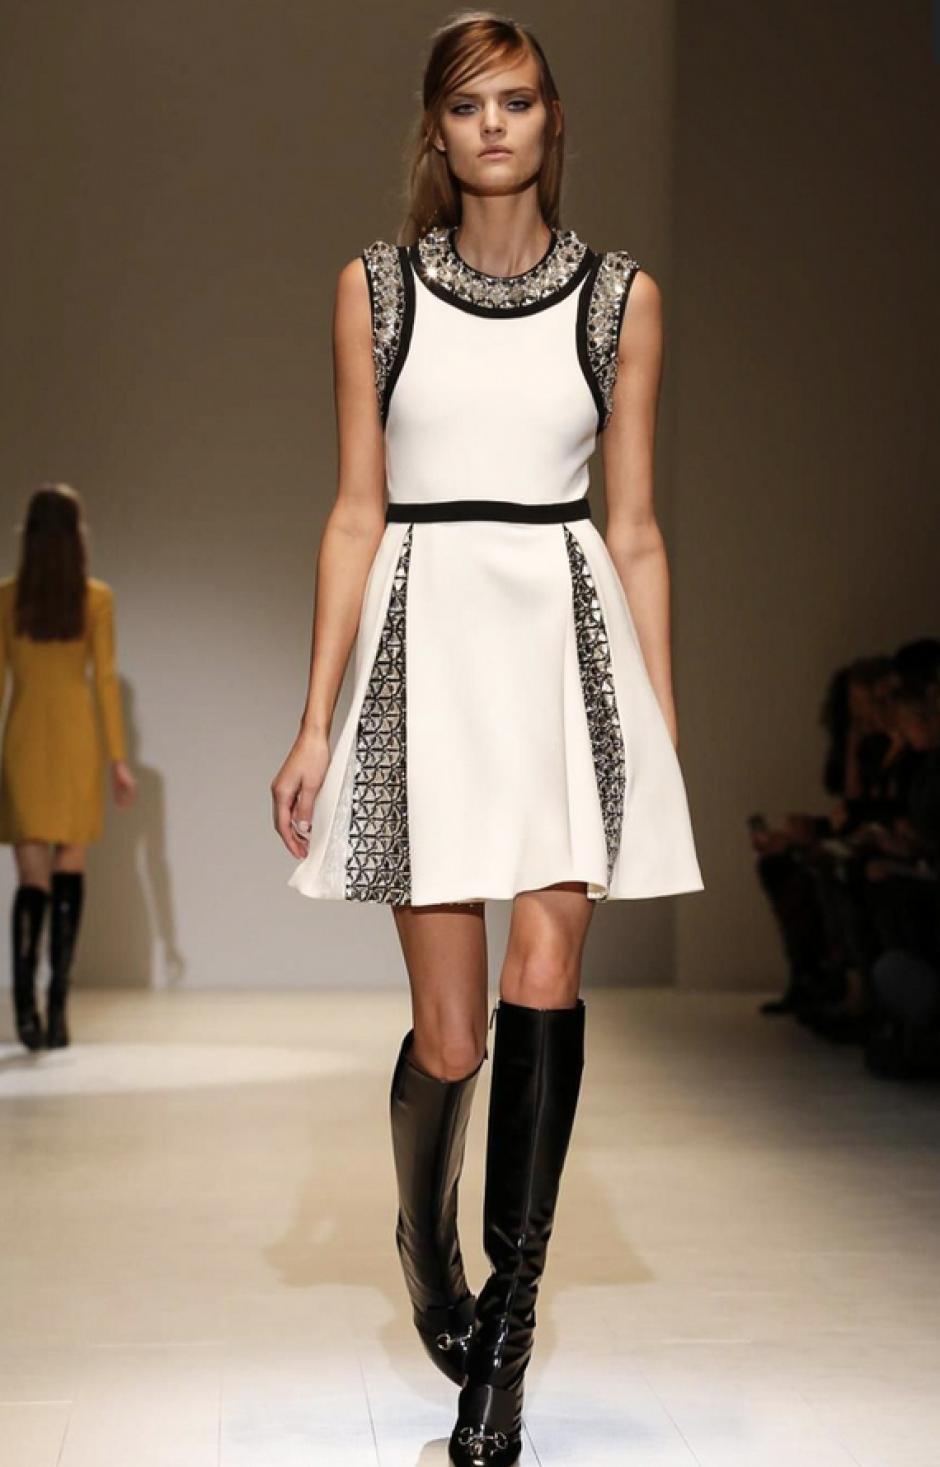 El blanco y los cortes perfectos reafirmaron la elección de las fashionistas y estrellas por la marca. (Foto: NowFashion)